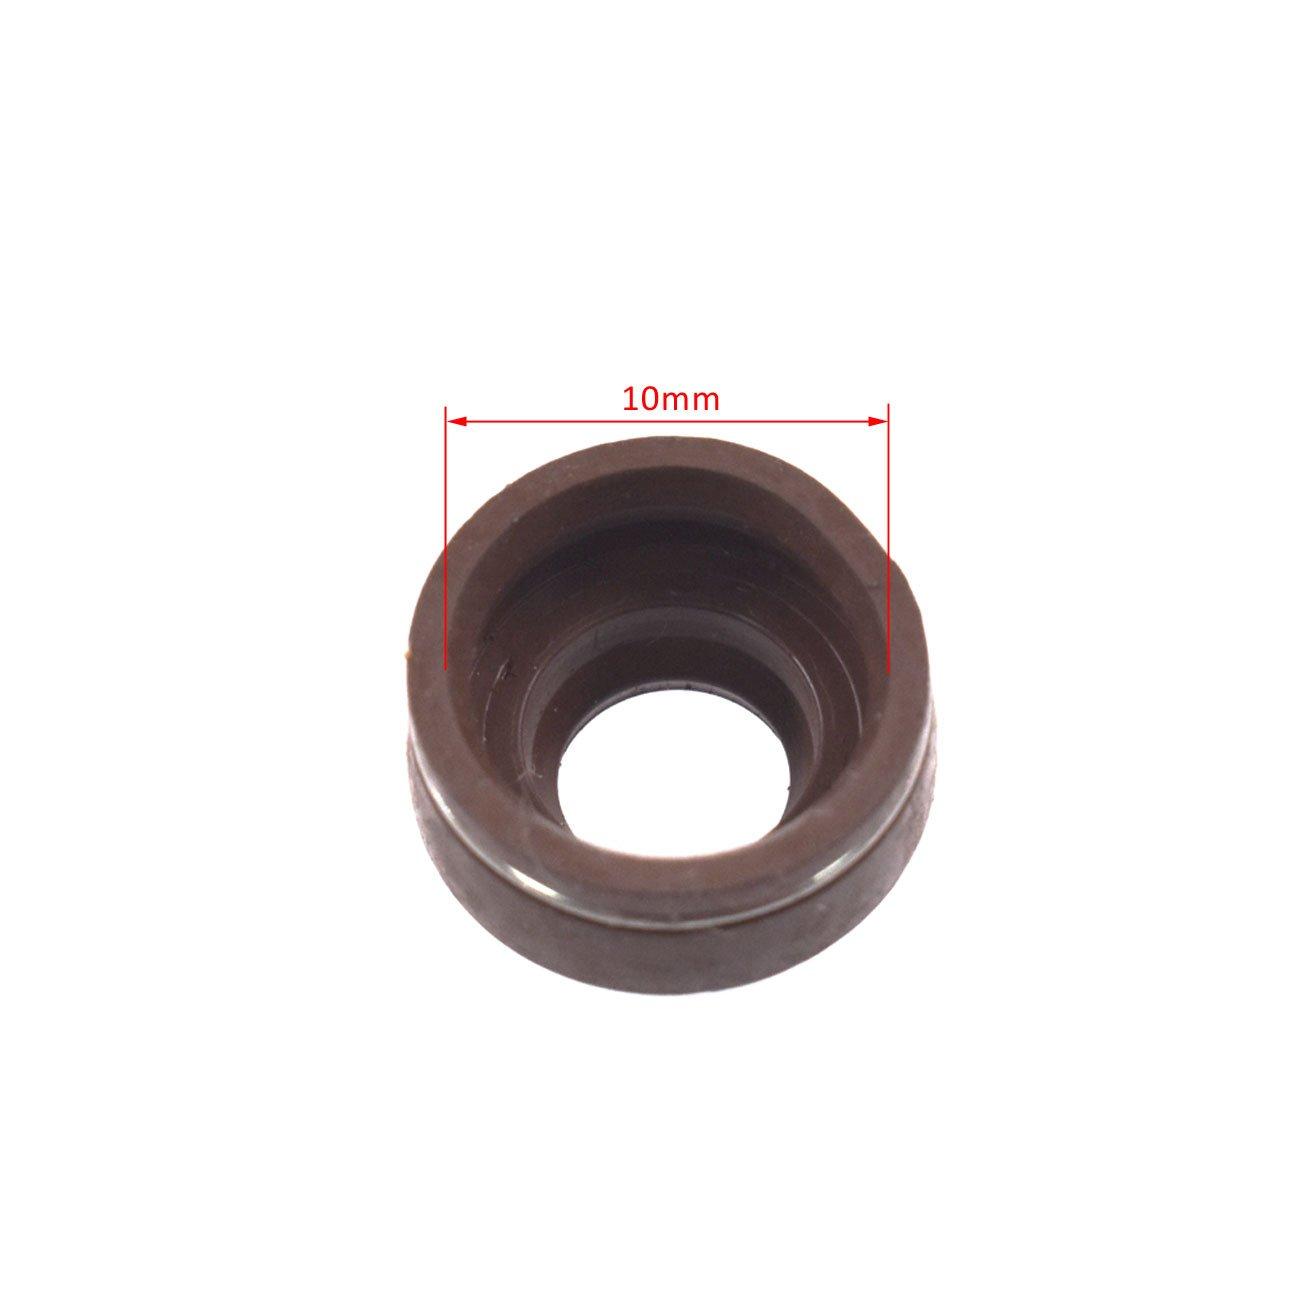 D/&D PowerDrive 855429 Hesston Replacement Belt Rubber